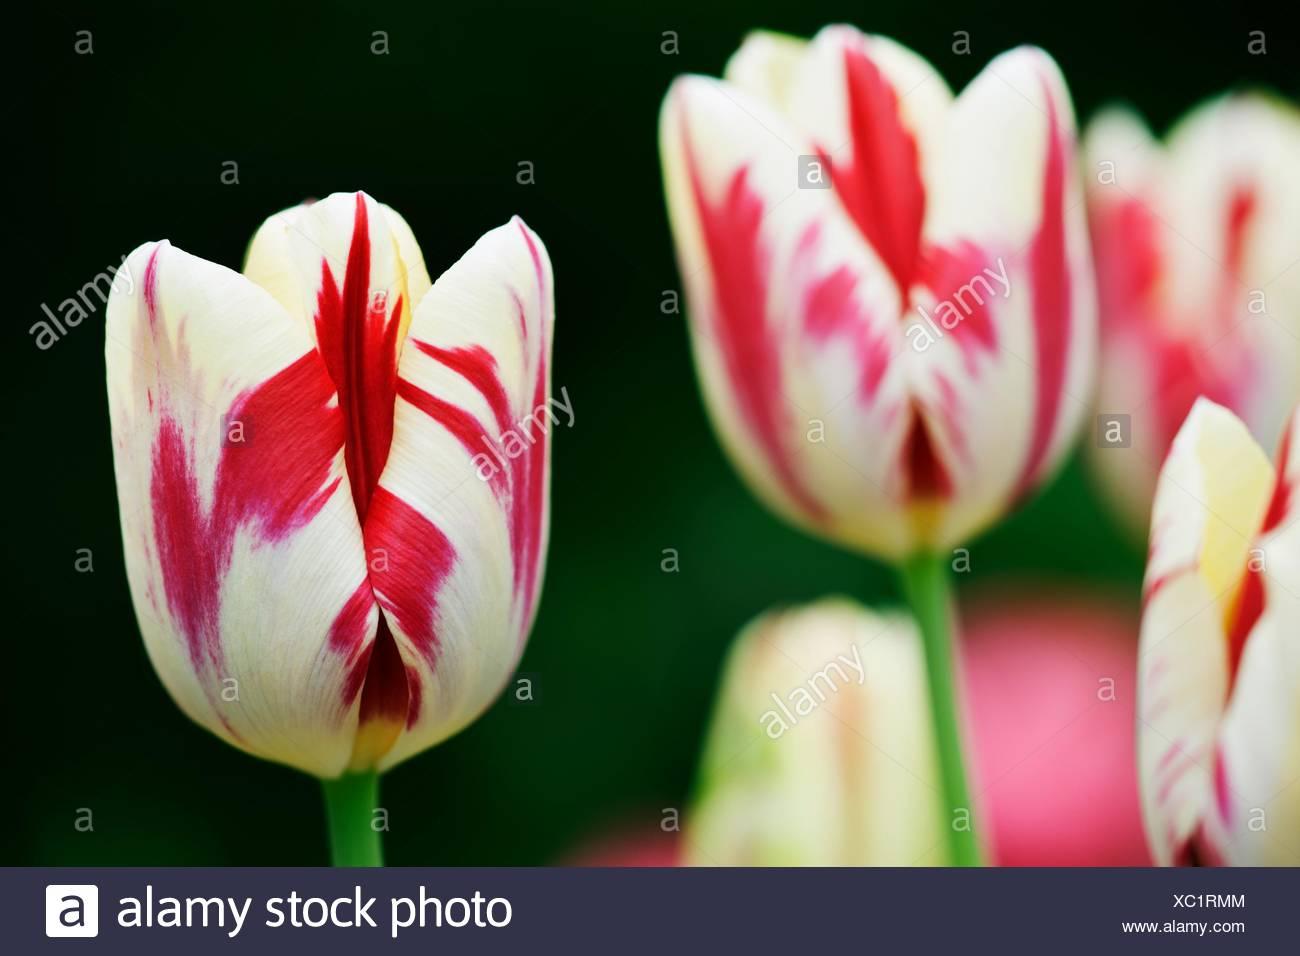 Variedad de tulipán gran perfección bombilla de floración de Primavera Imagen De Stock